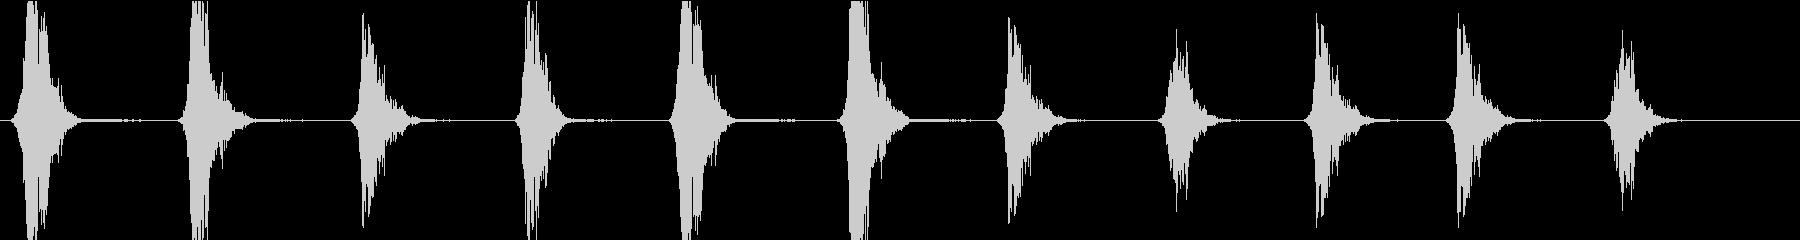 深い男性の吐息(ロングバージョン)の未再生の波形